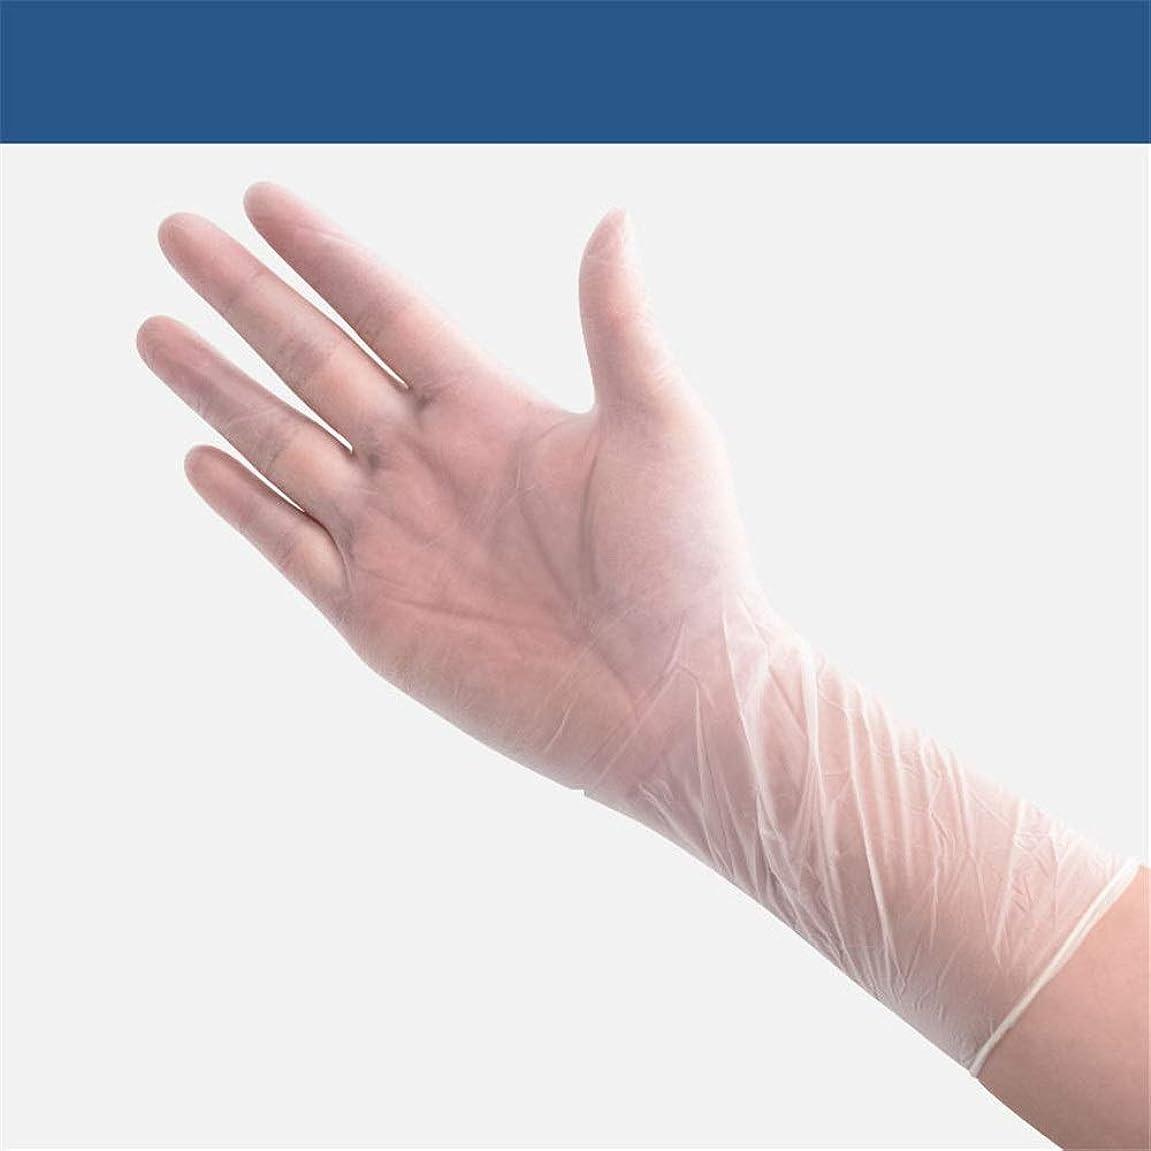 怒る認識認識BTXXYJP キッチン用手袋 手袋 作業 食器洗い 炊事 掃除 園芸 洗車 防水 手袋 (100 Packs) (Color : Pvc 100pcs, Size : M)